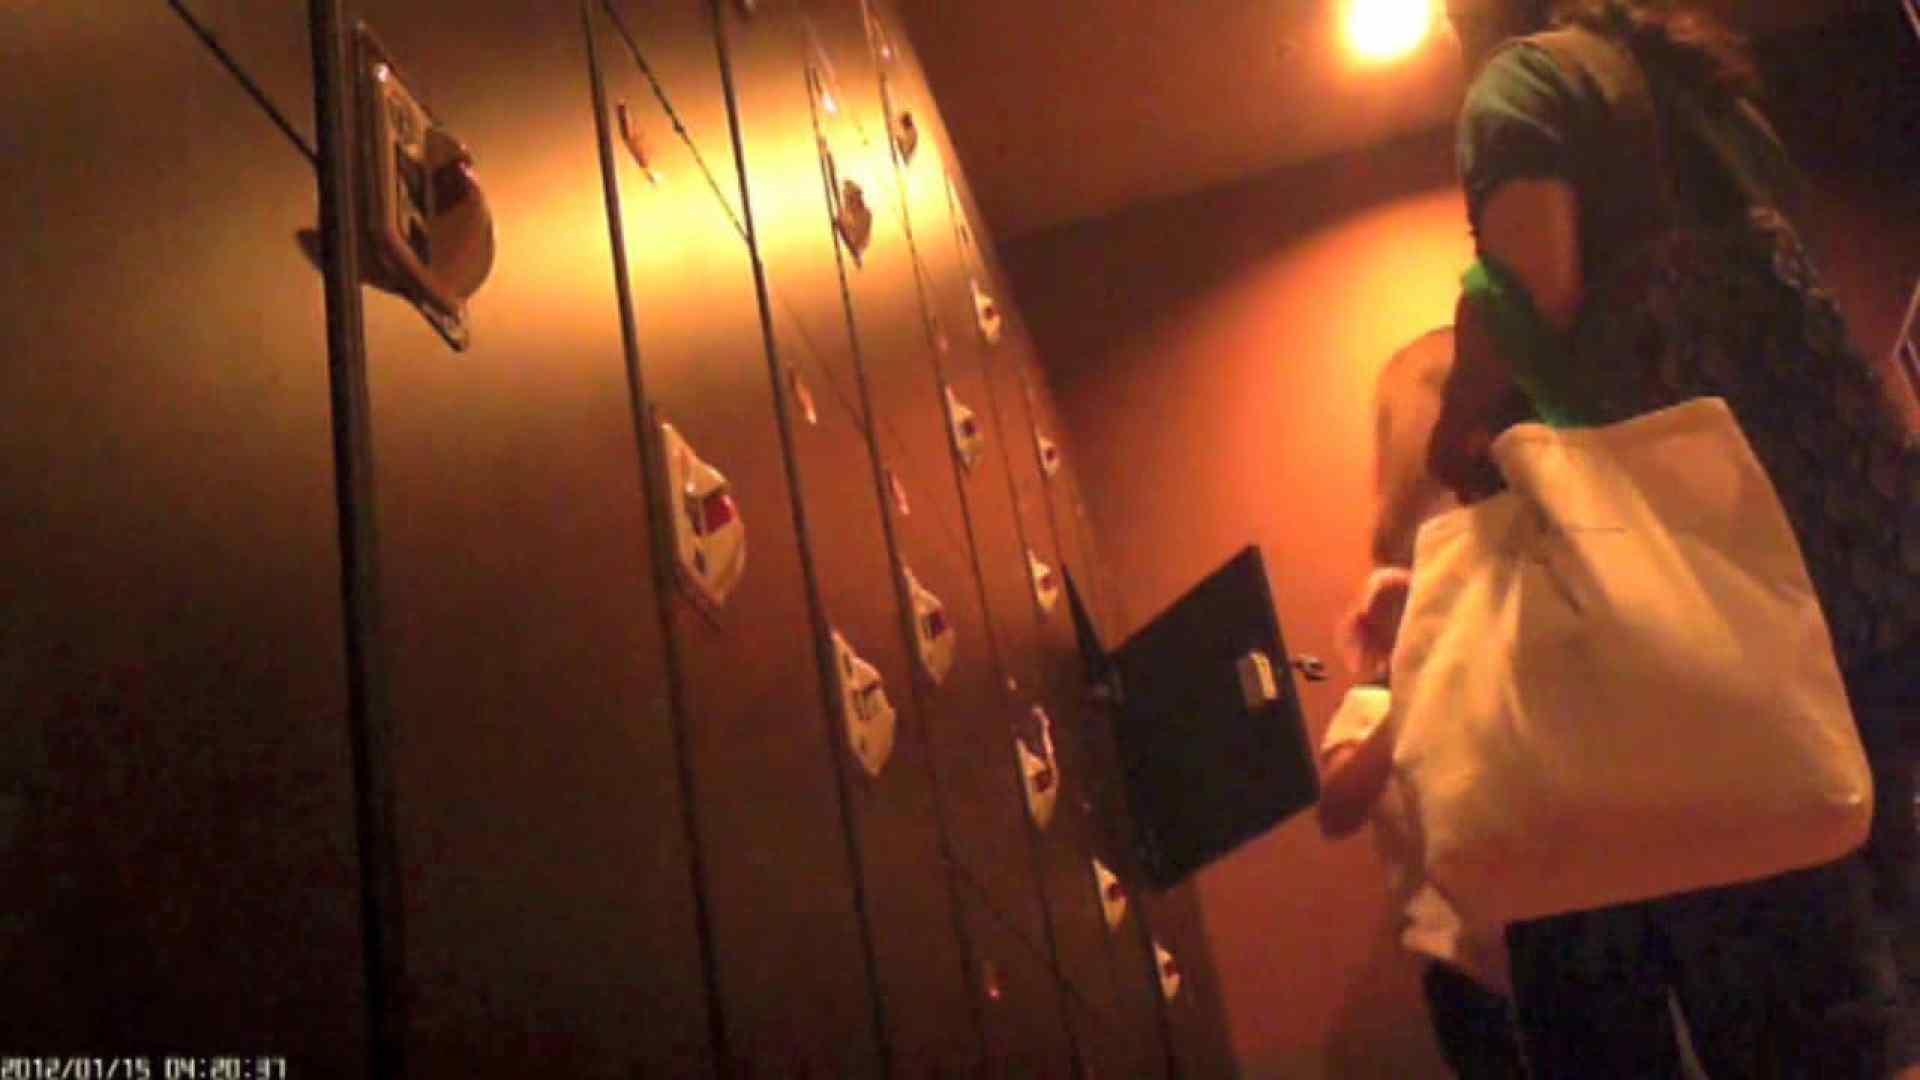 現役ギャル盗撮師 hana様の女風呂潜入撮!Vol.5 盗撮師作品 のぞき動画画像 73pic 17